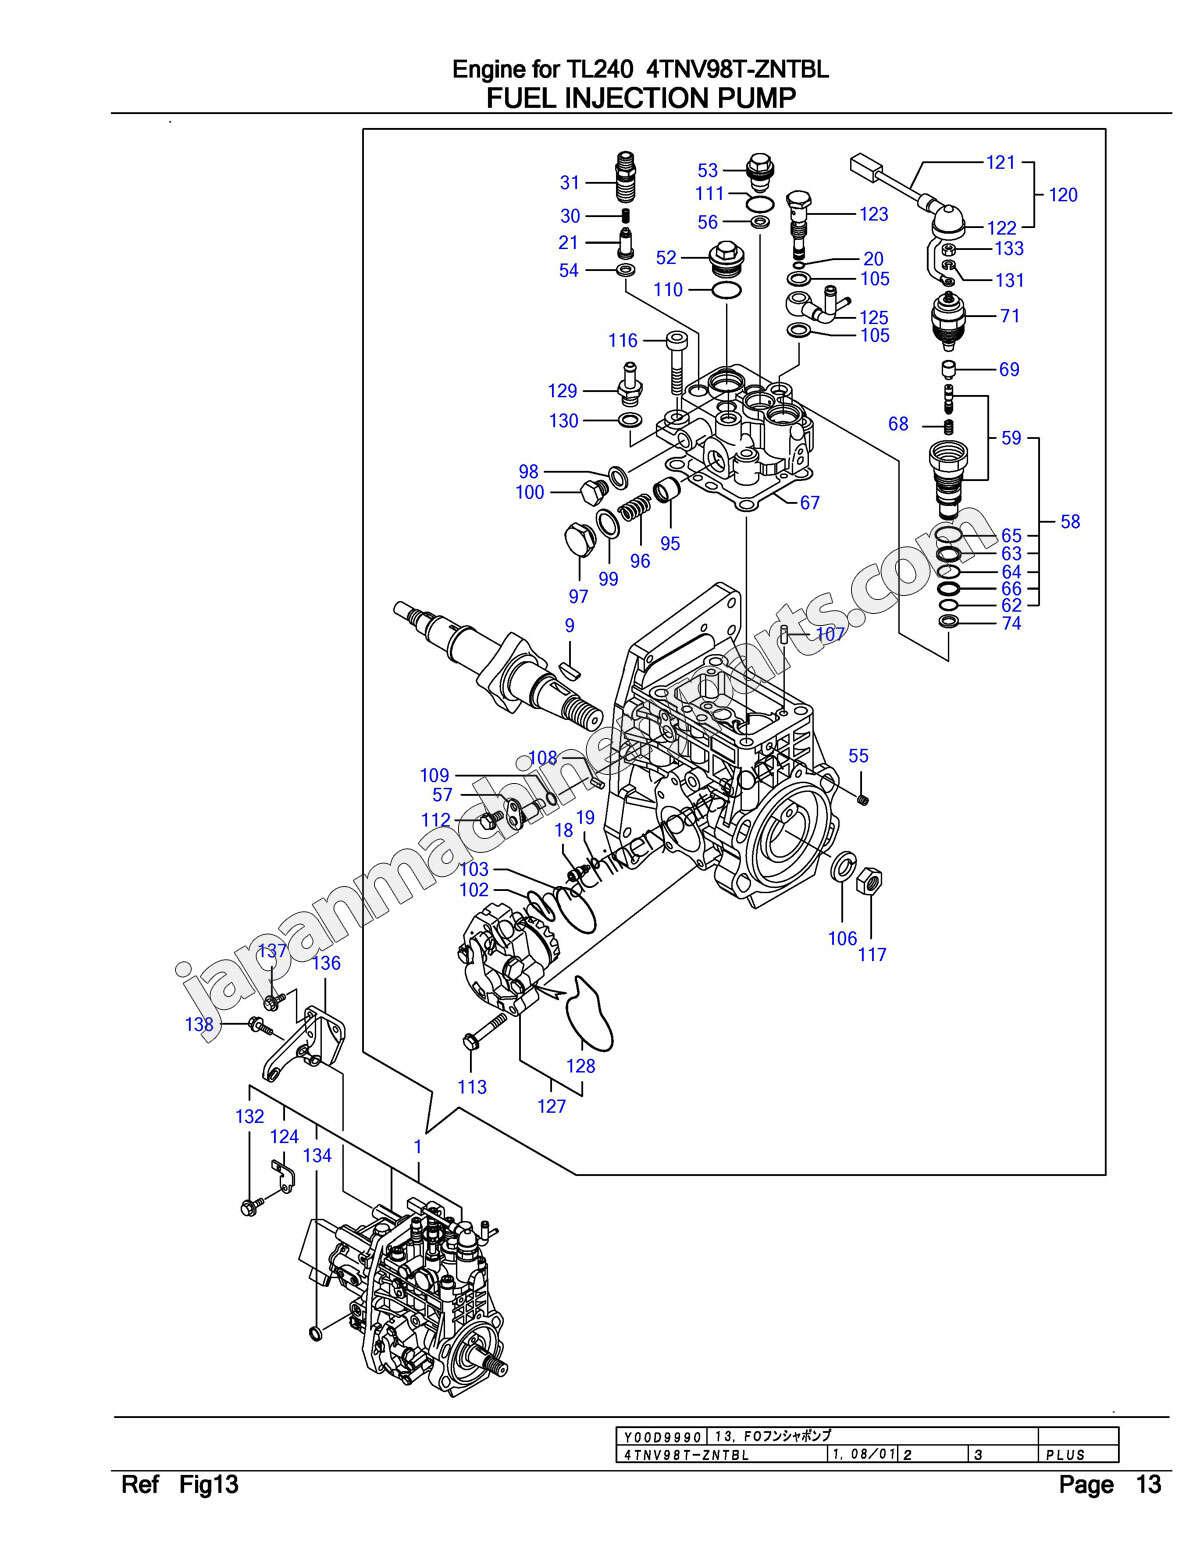 32 Yanmar Injector Pump Diagram